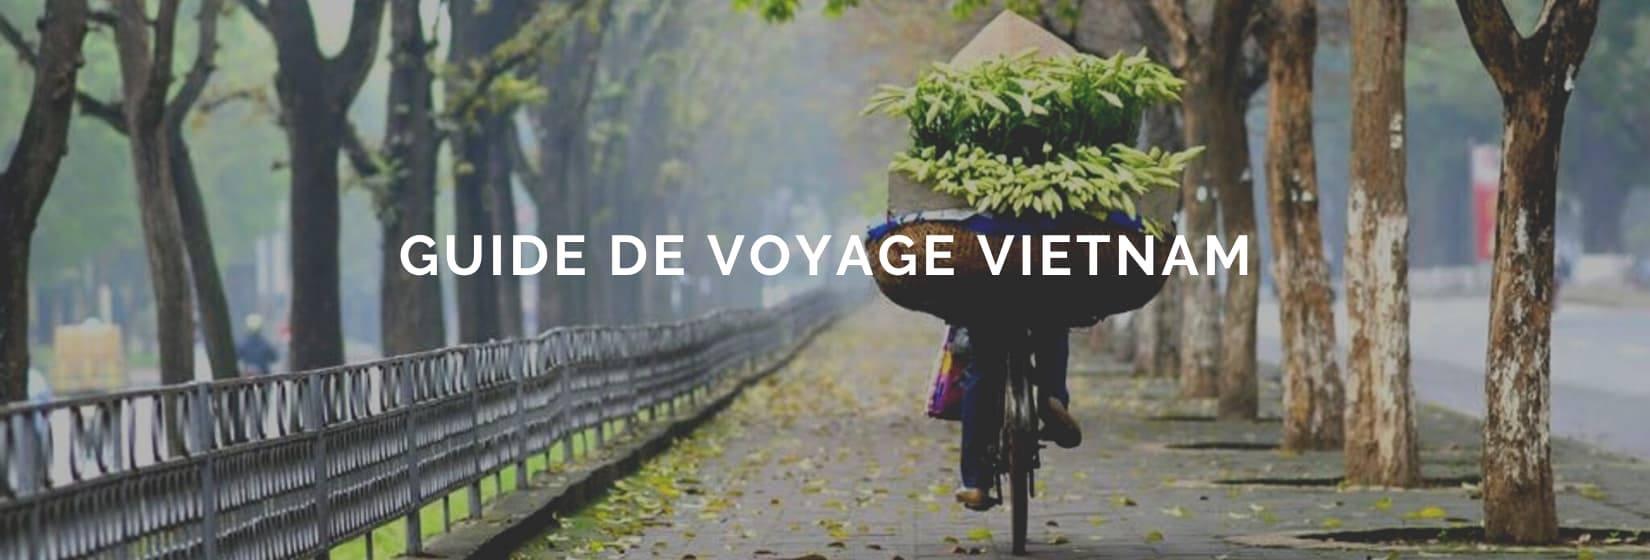 banner-au-vietnam